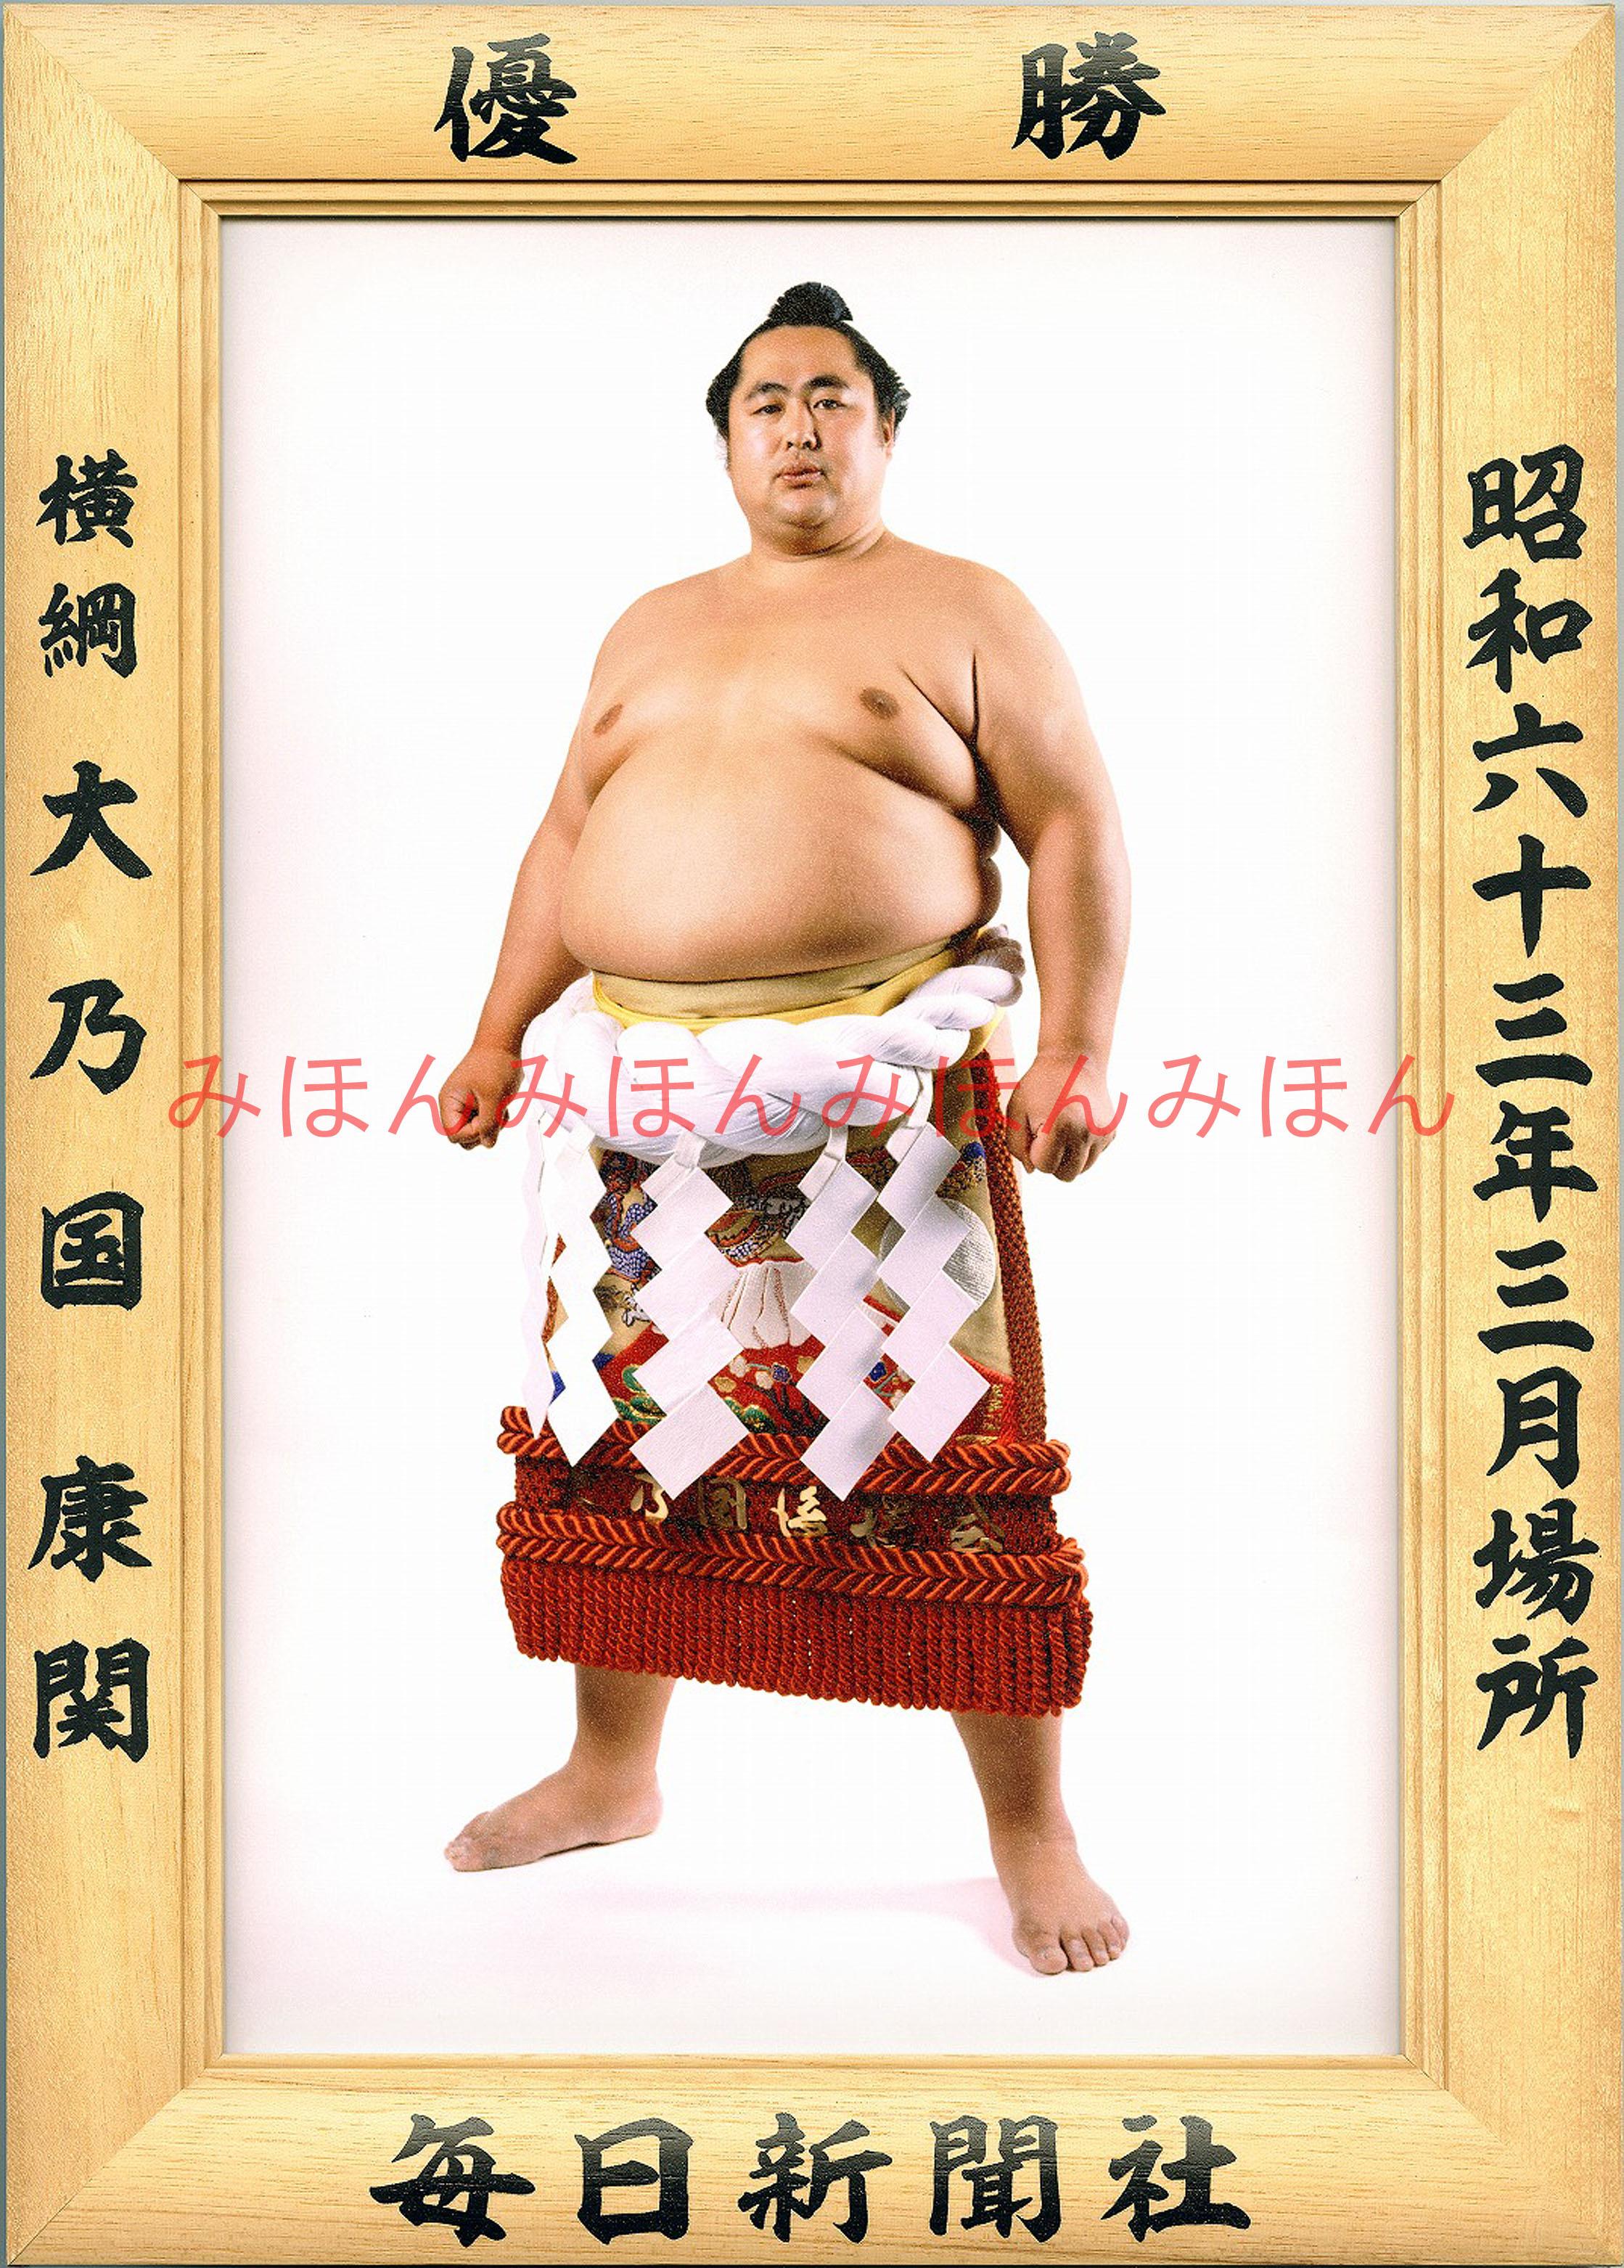 昭和63年3月場所優勝 横綱 大乃国康関(2回目の優勝)